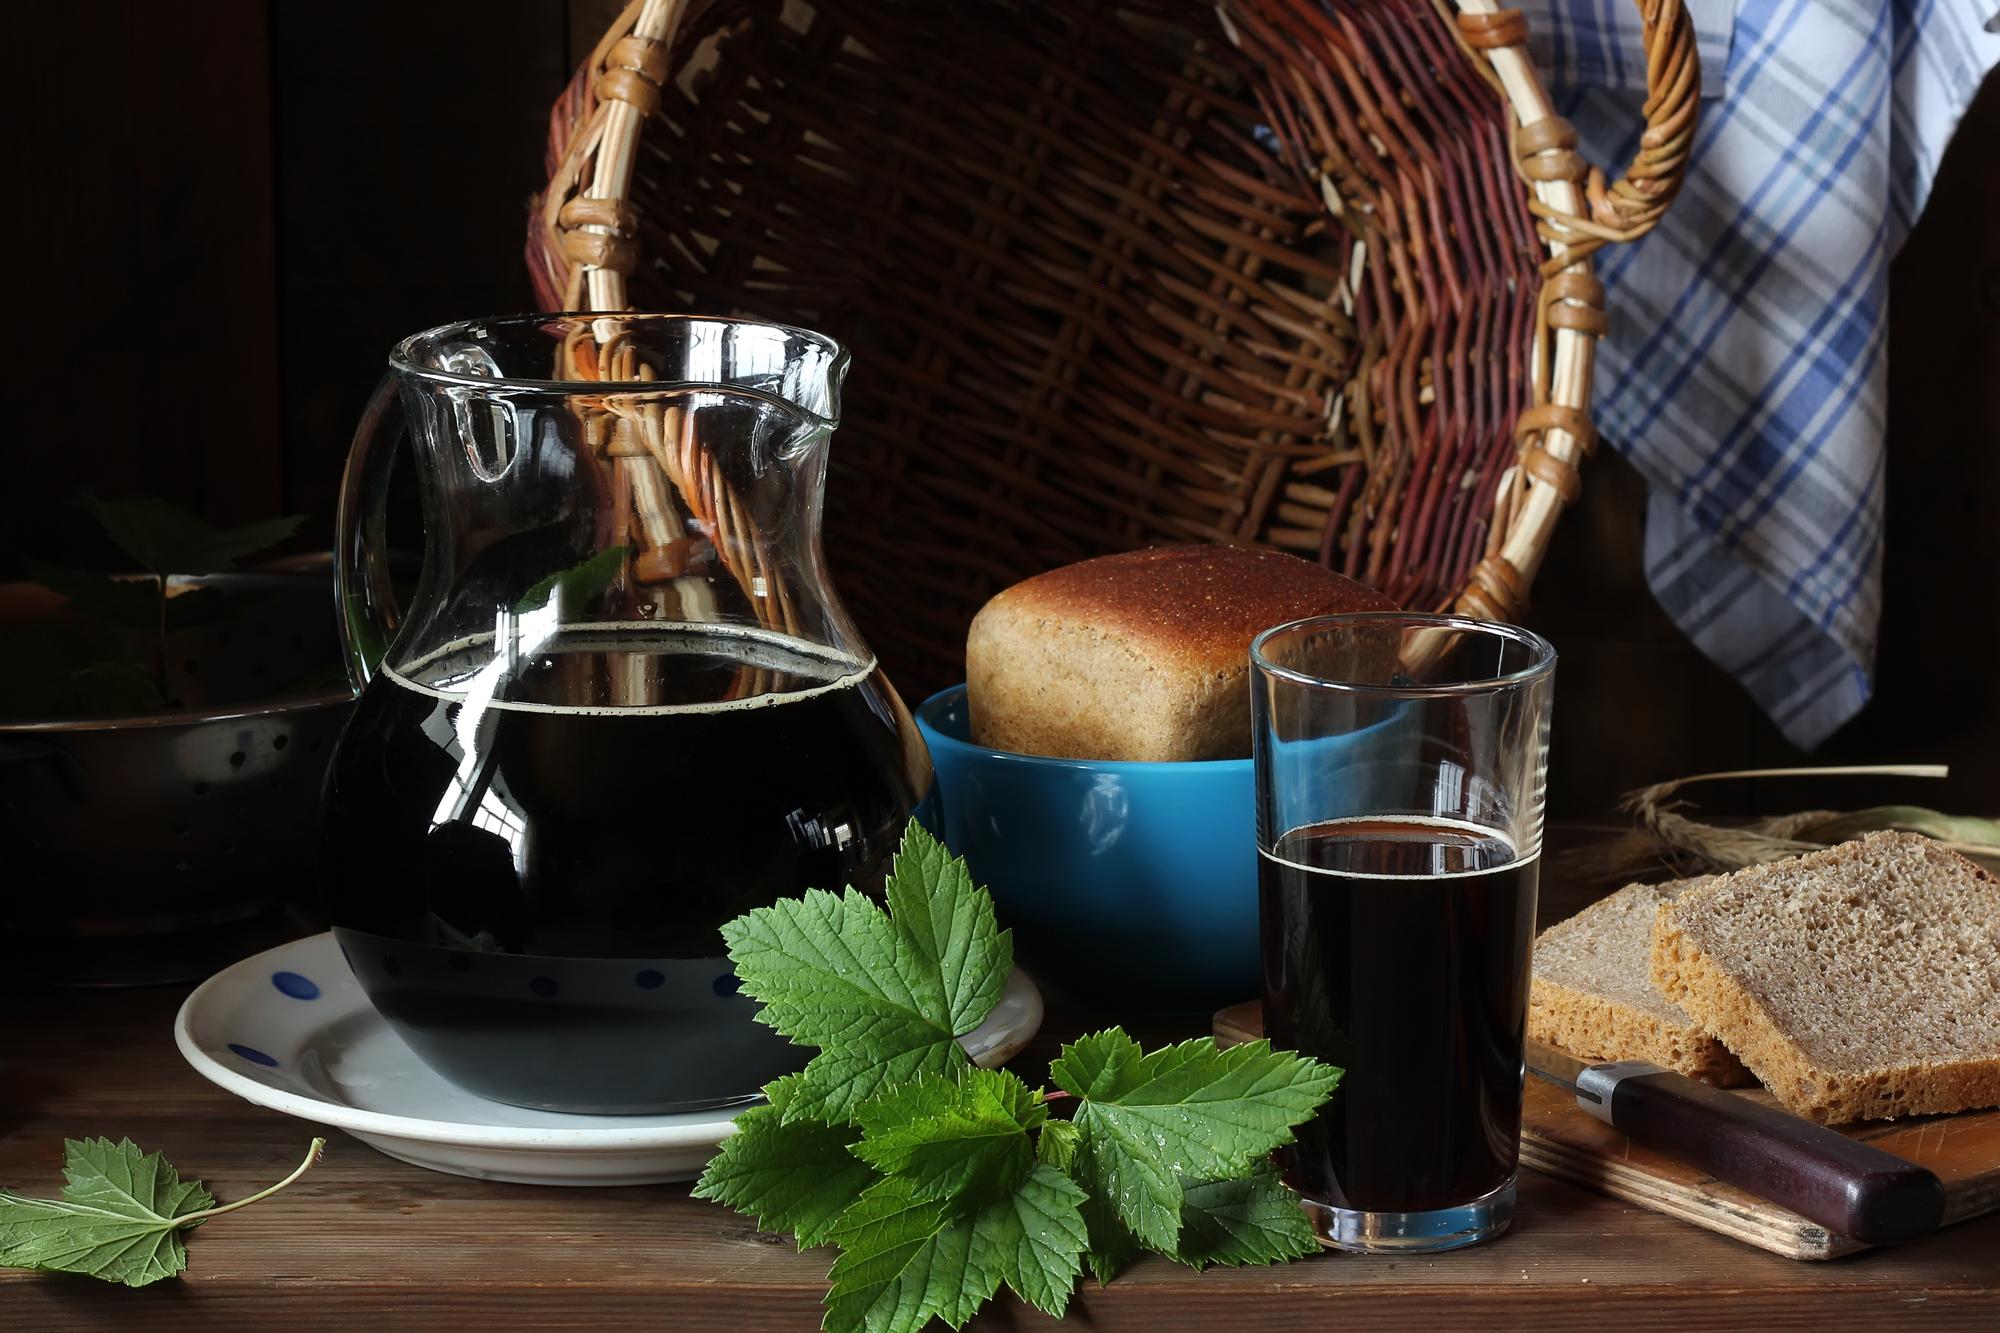 Домашний квас: топ-5 рецептов любимого напитка